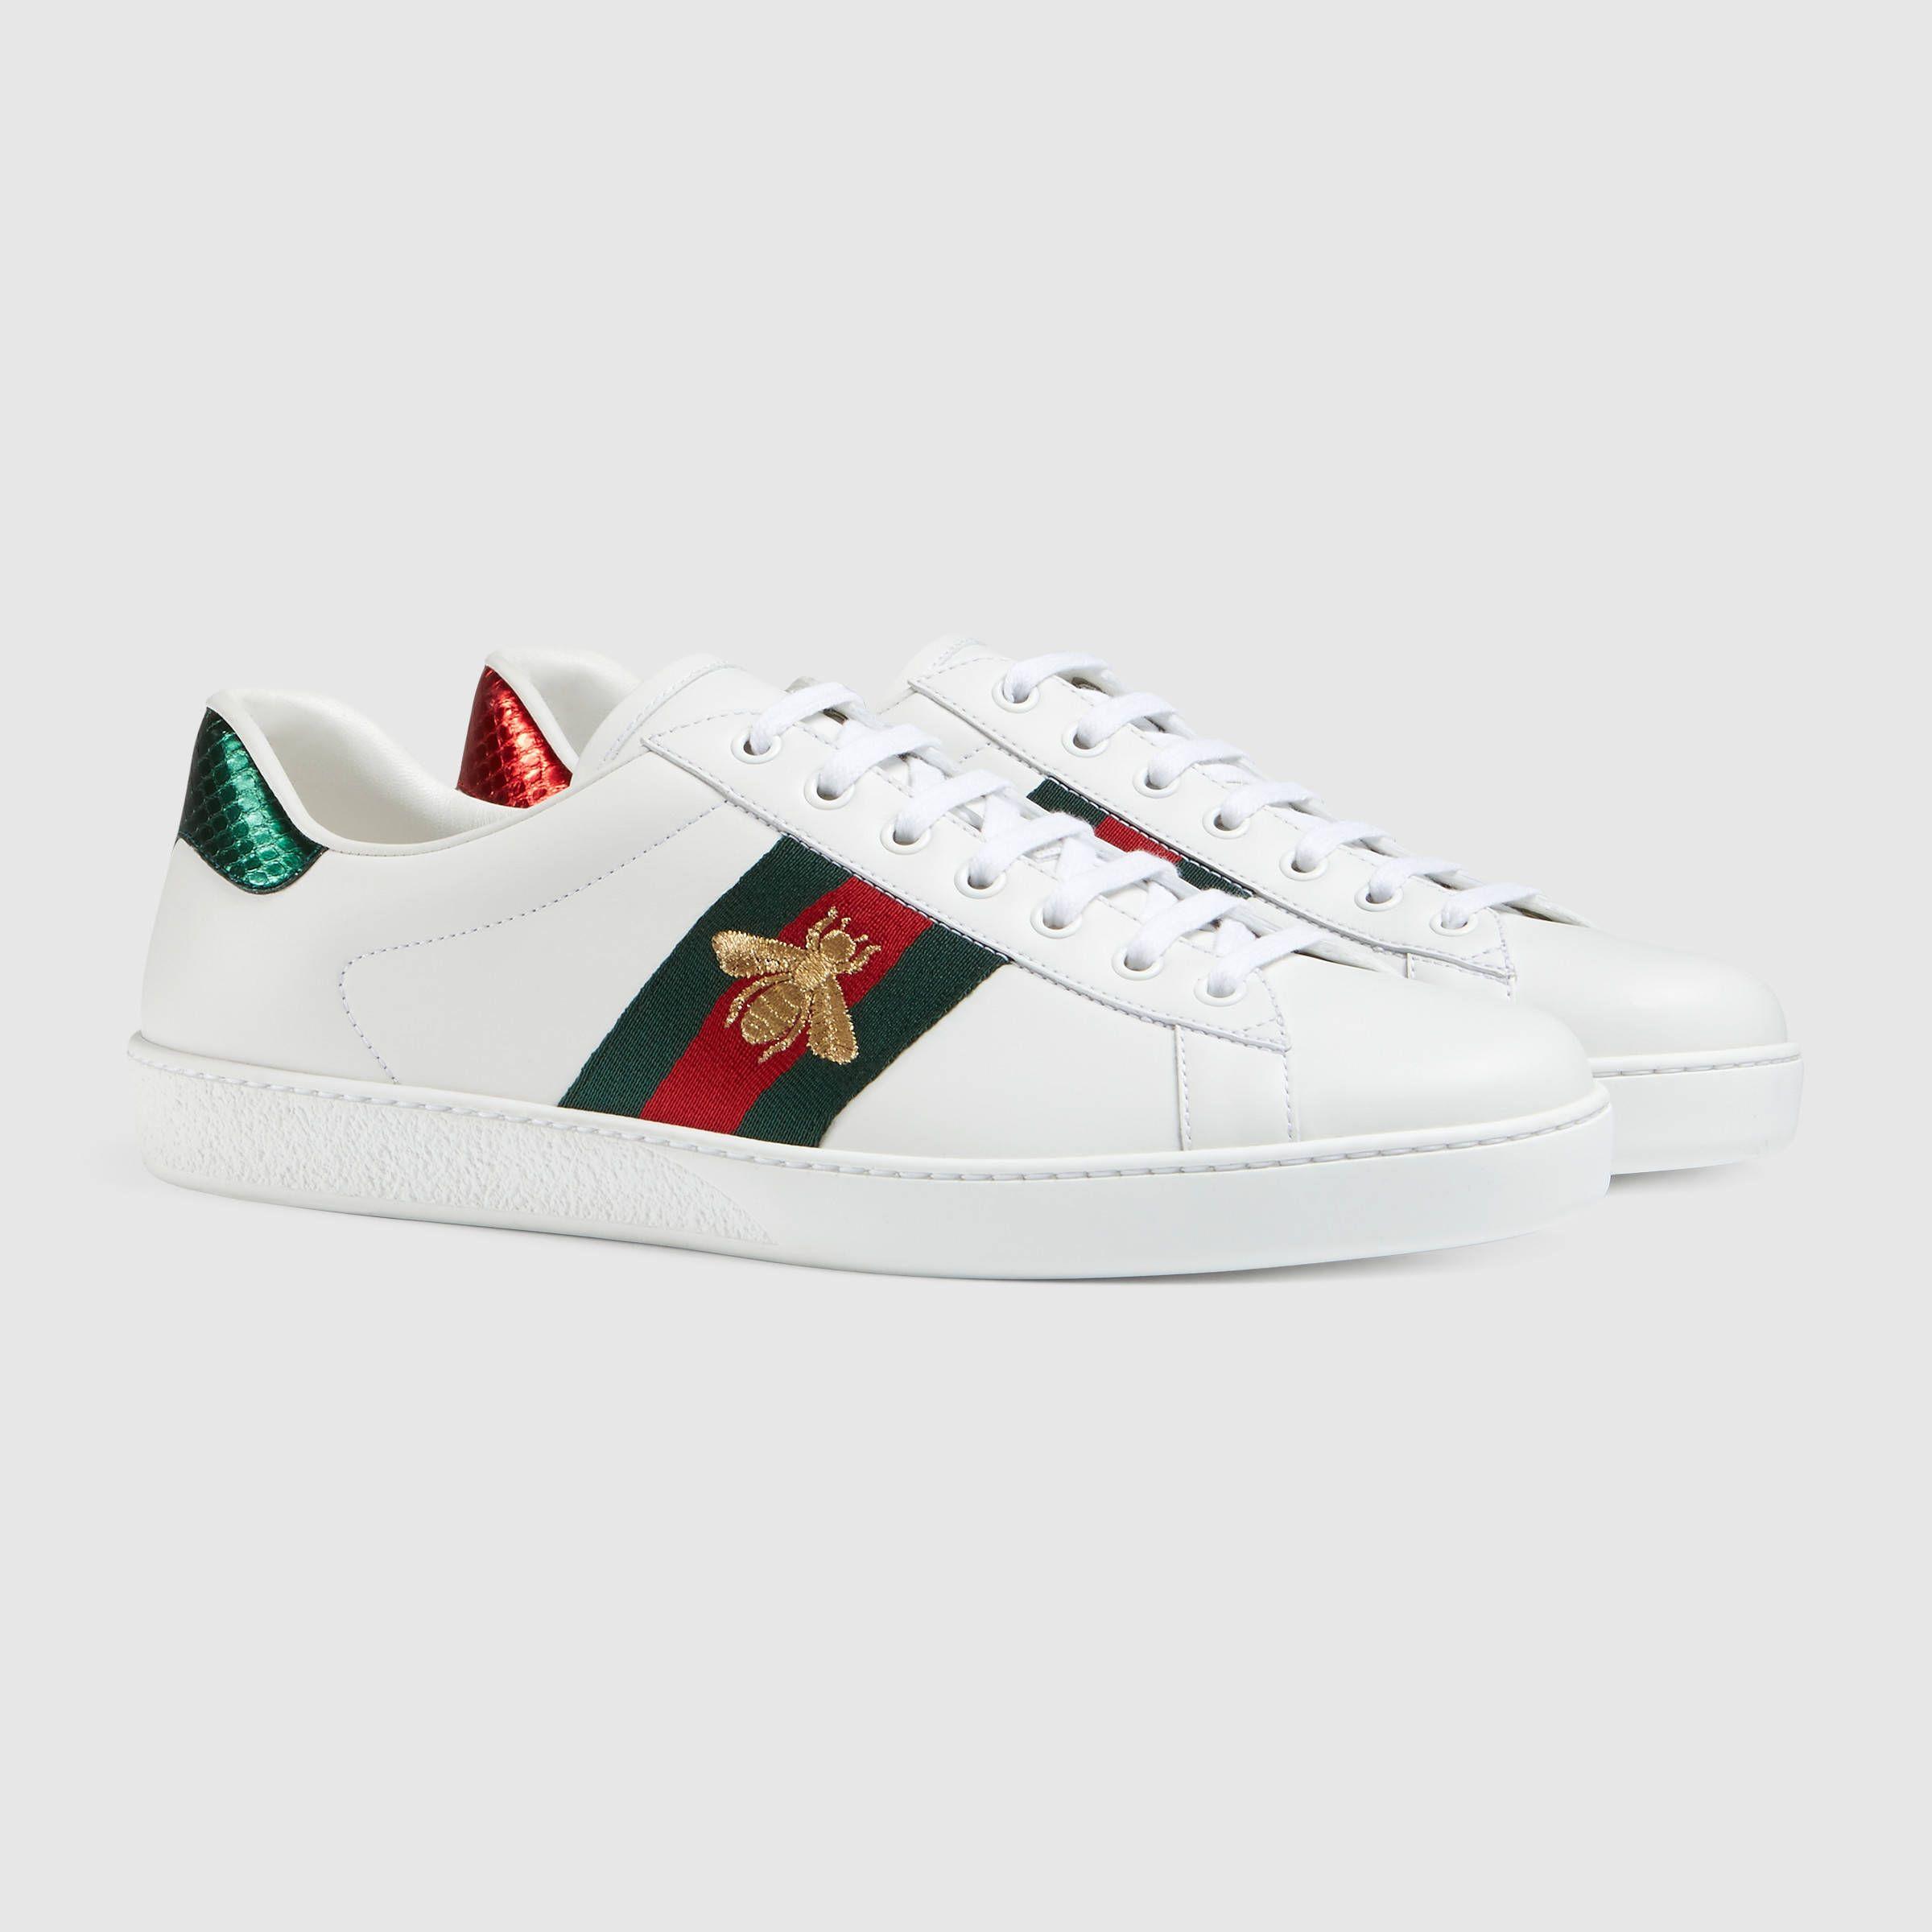 Gucci Men S Ace Embroidered Sneaker Gucci Schuhe Sportschuhe Damen Mannerschuhe